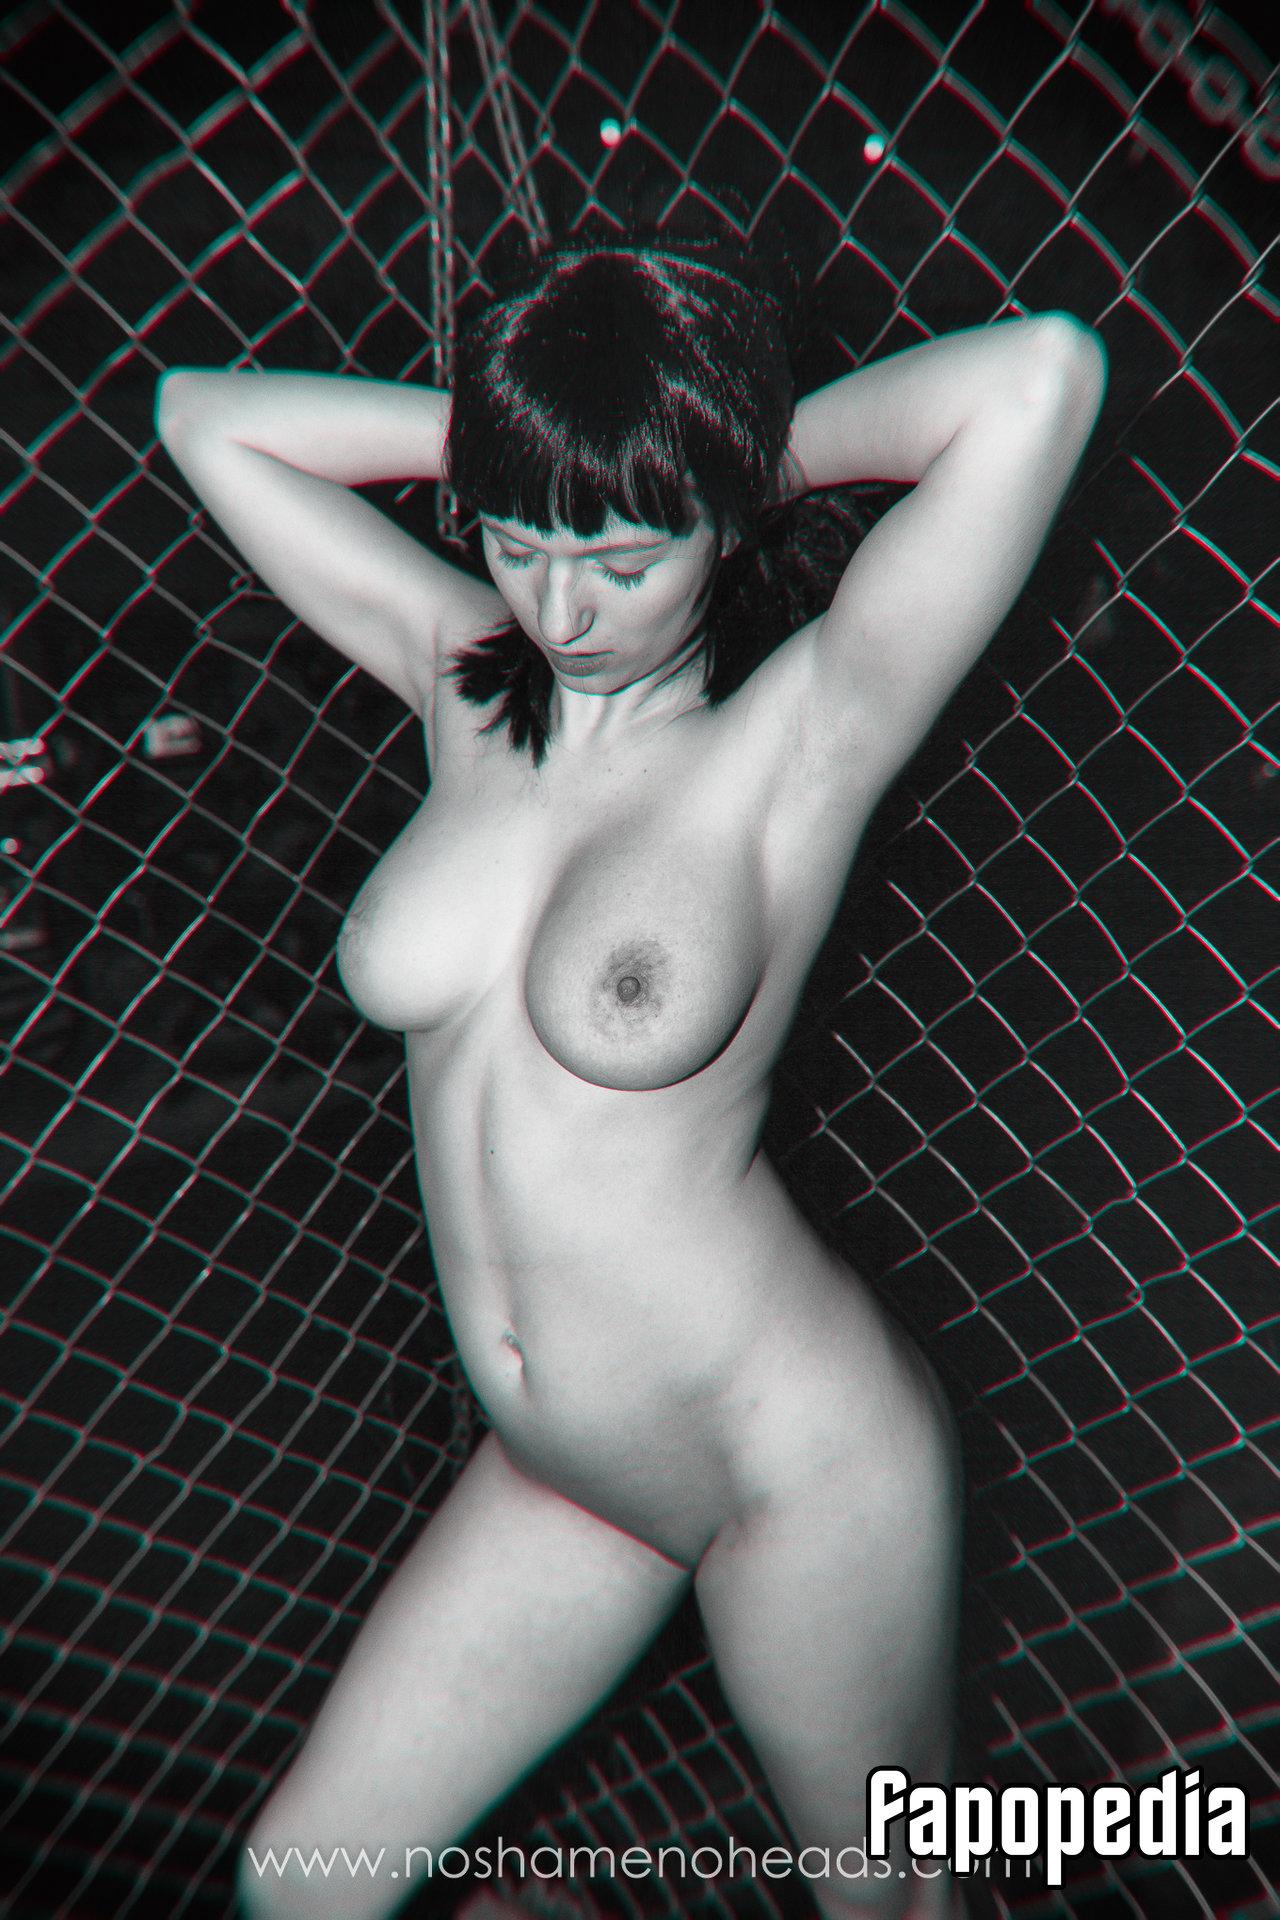 NoShameNoHeads Nude OnlyFans Leaks Patreon Leaks